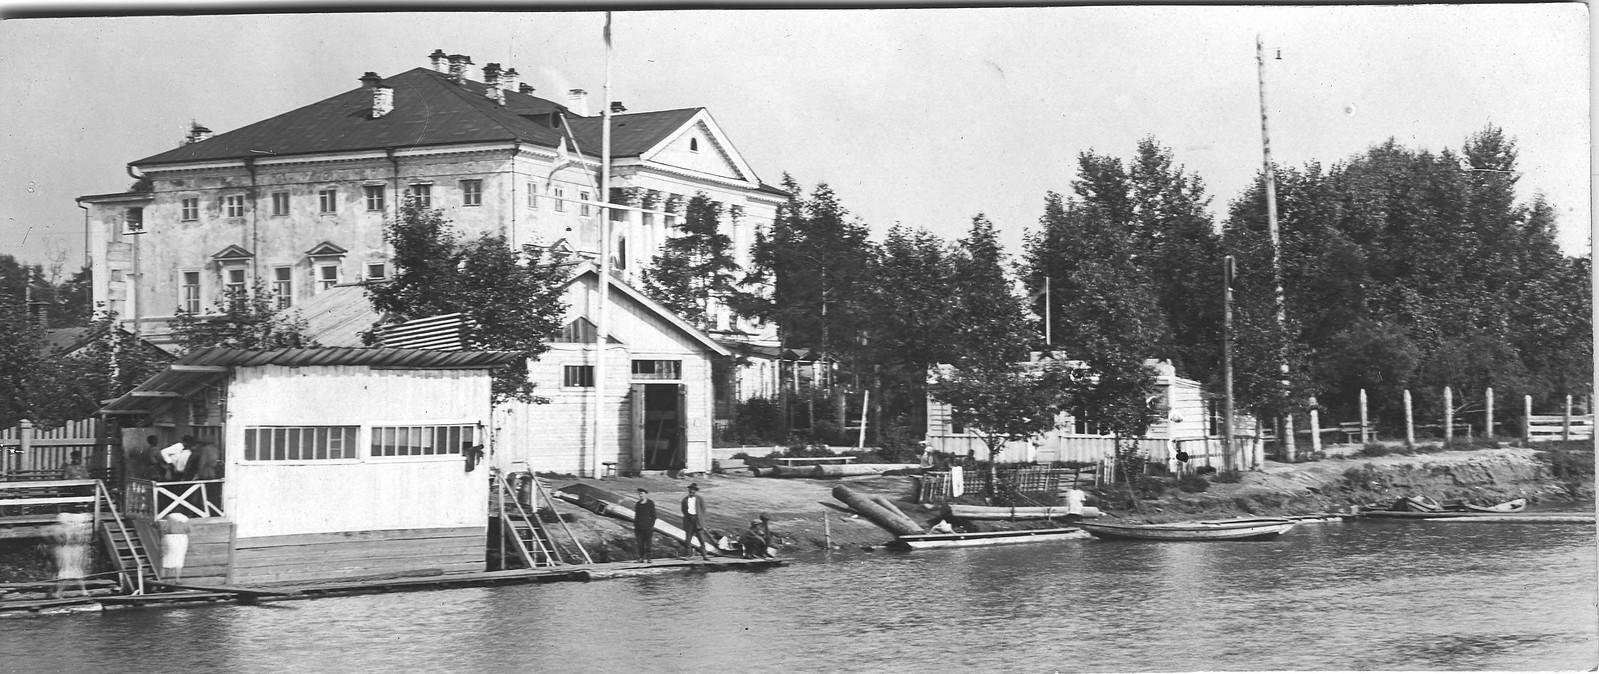 02. Набережная реки Ангары. 1910